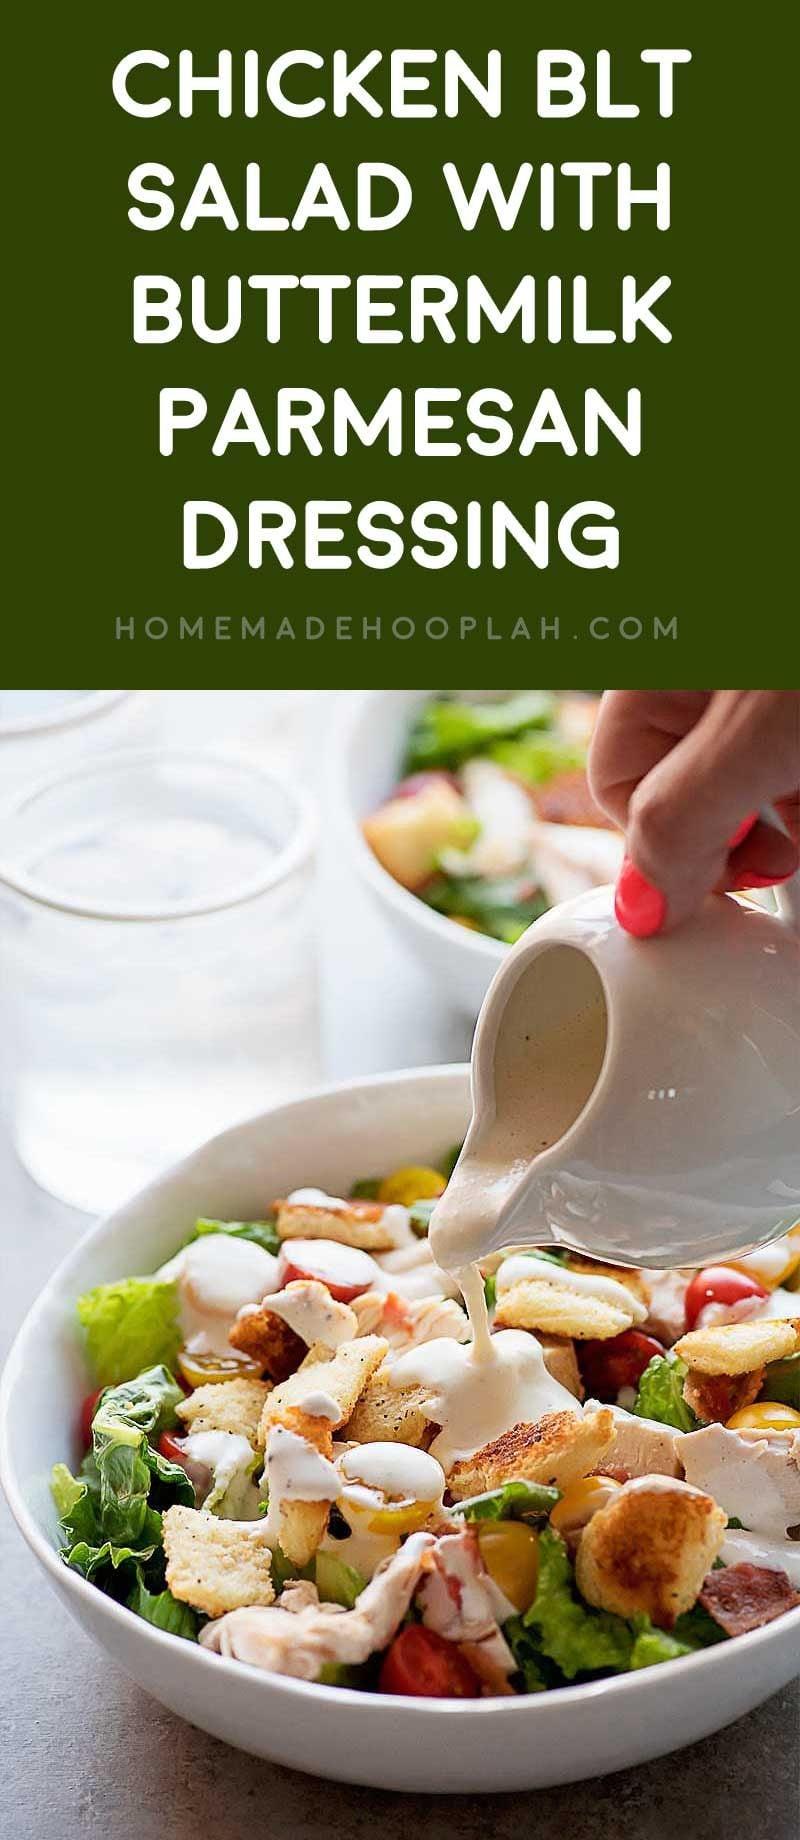 Chicken BLT Salad with Buttermilk-Parmesan Dressing ...